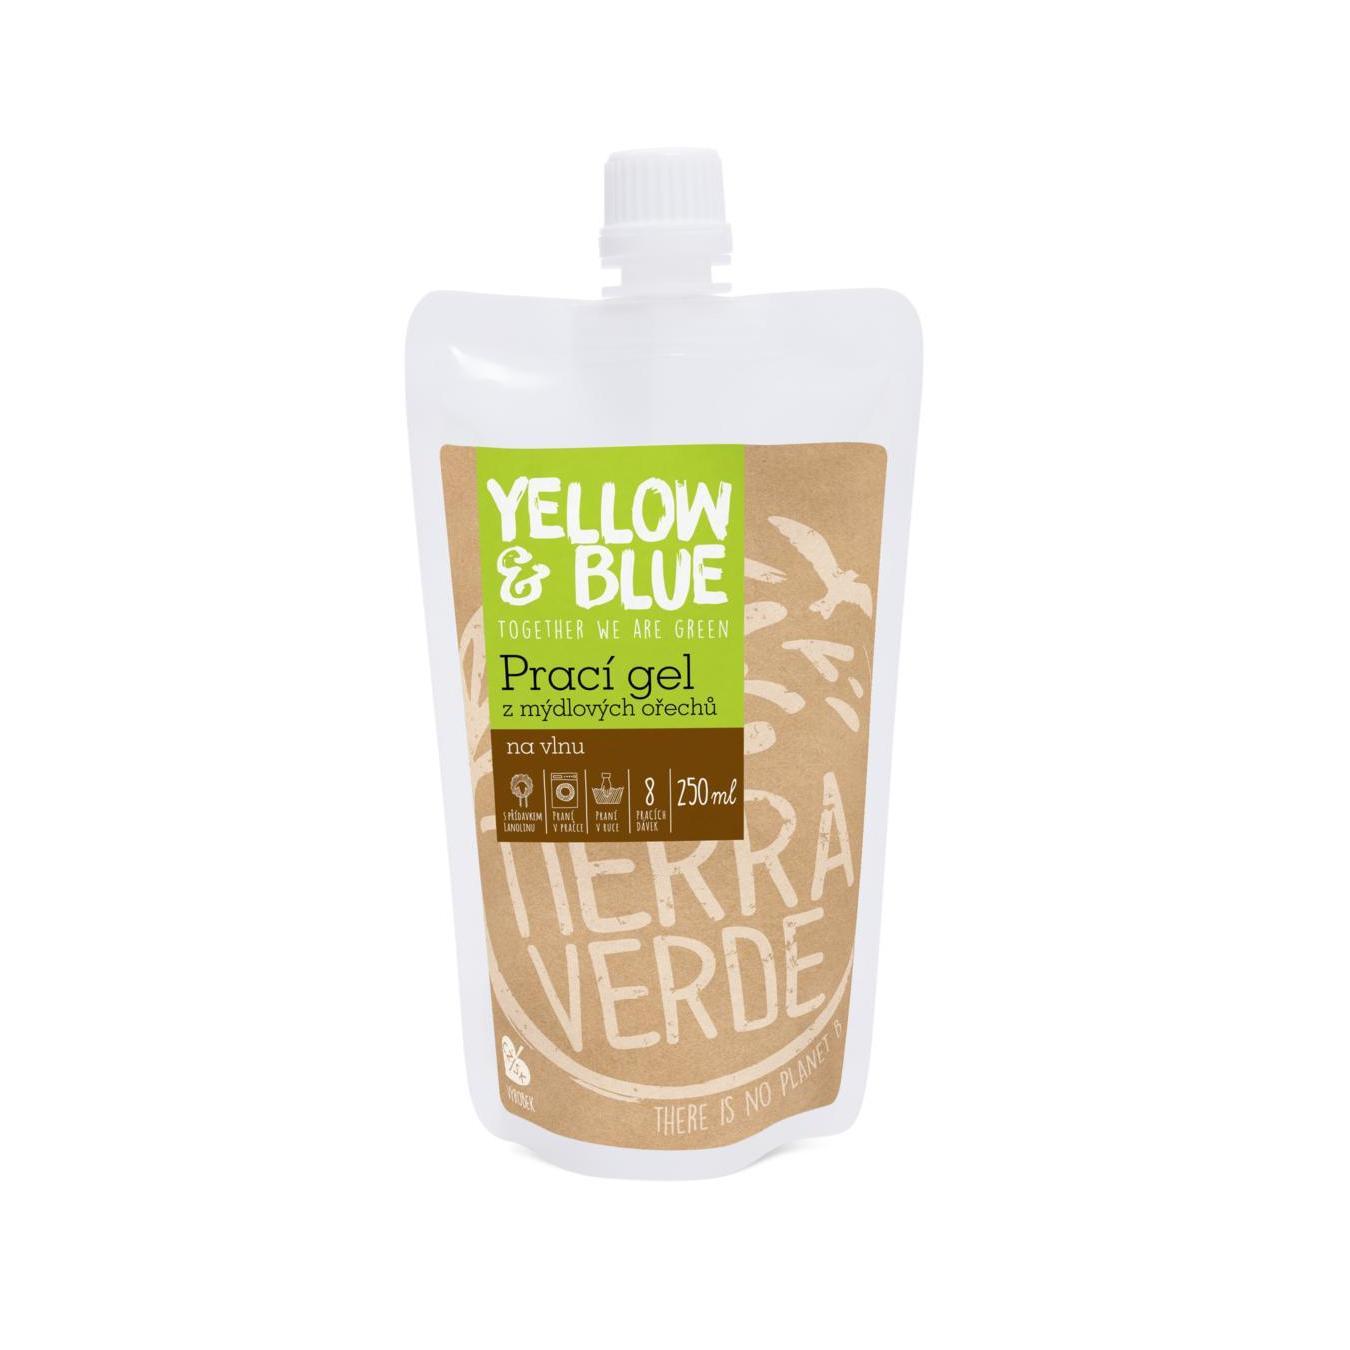 Yellow and Blue Prací gel z ořechů na vlnu 250 ml